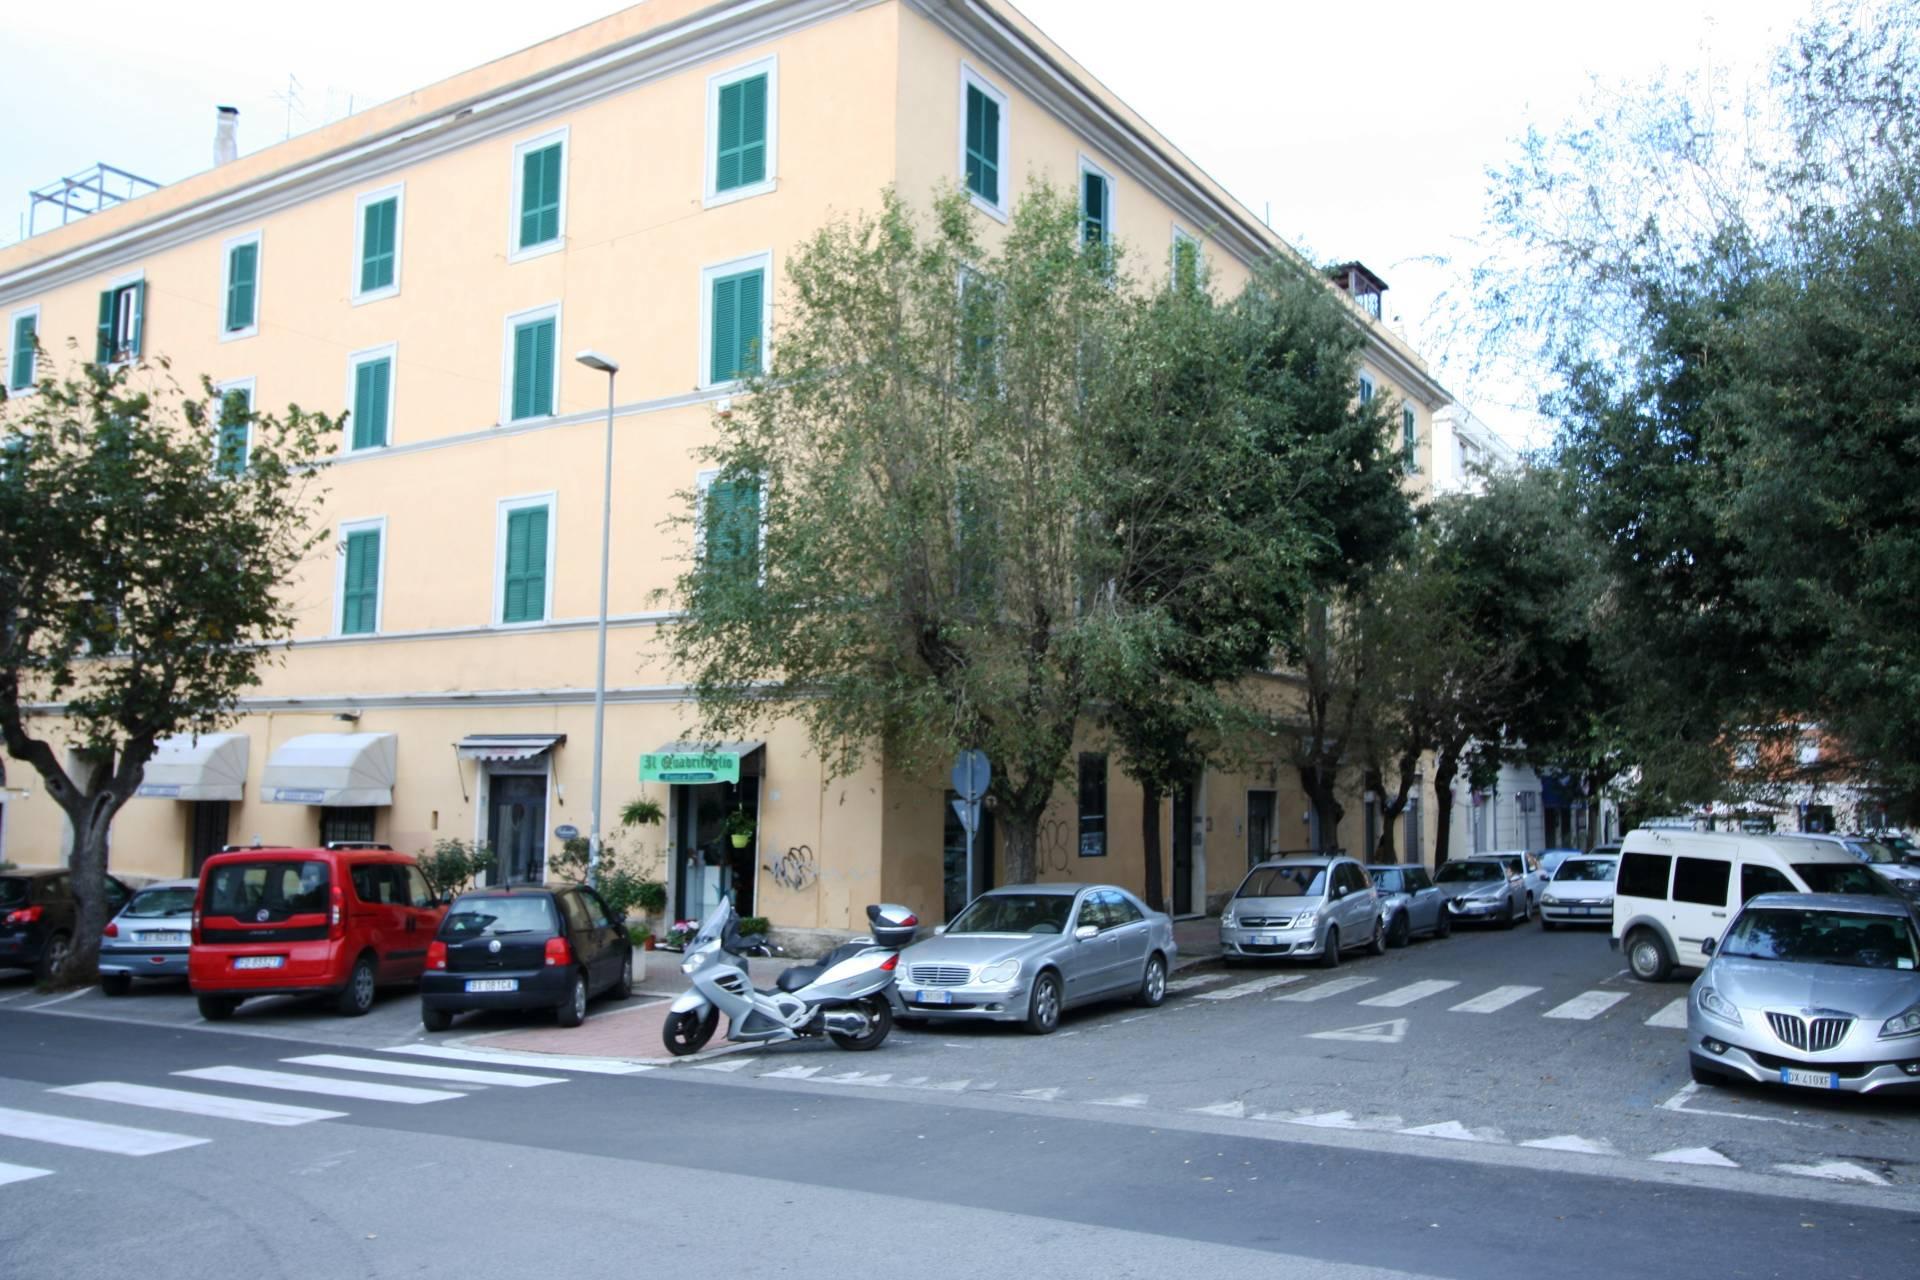 Appartamento in vendita a Civitavecchia, 5 locali, zona Località: Centrale-CorsoCentoCelle, prezzo € 145.000 | CambioCasa.it